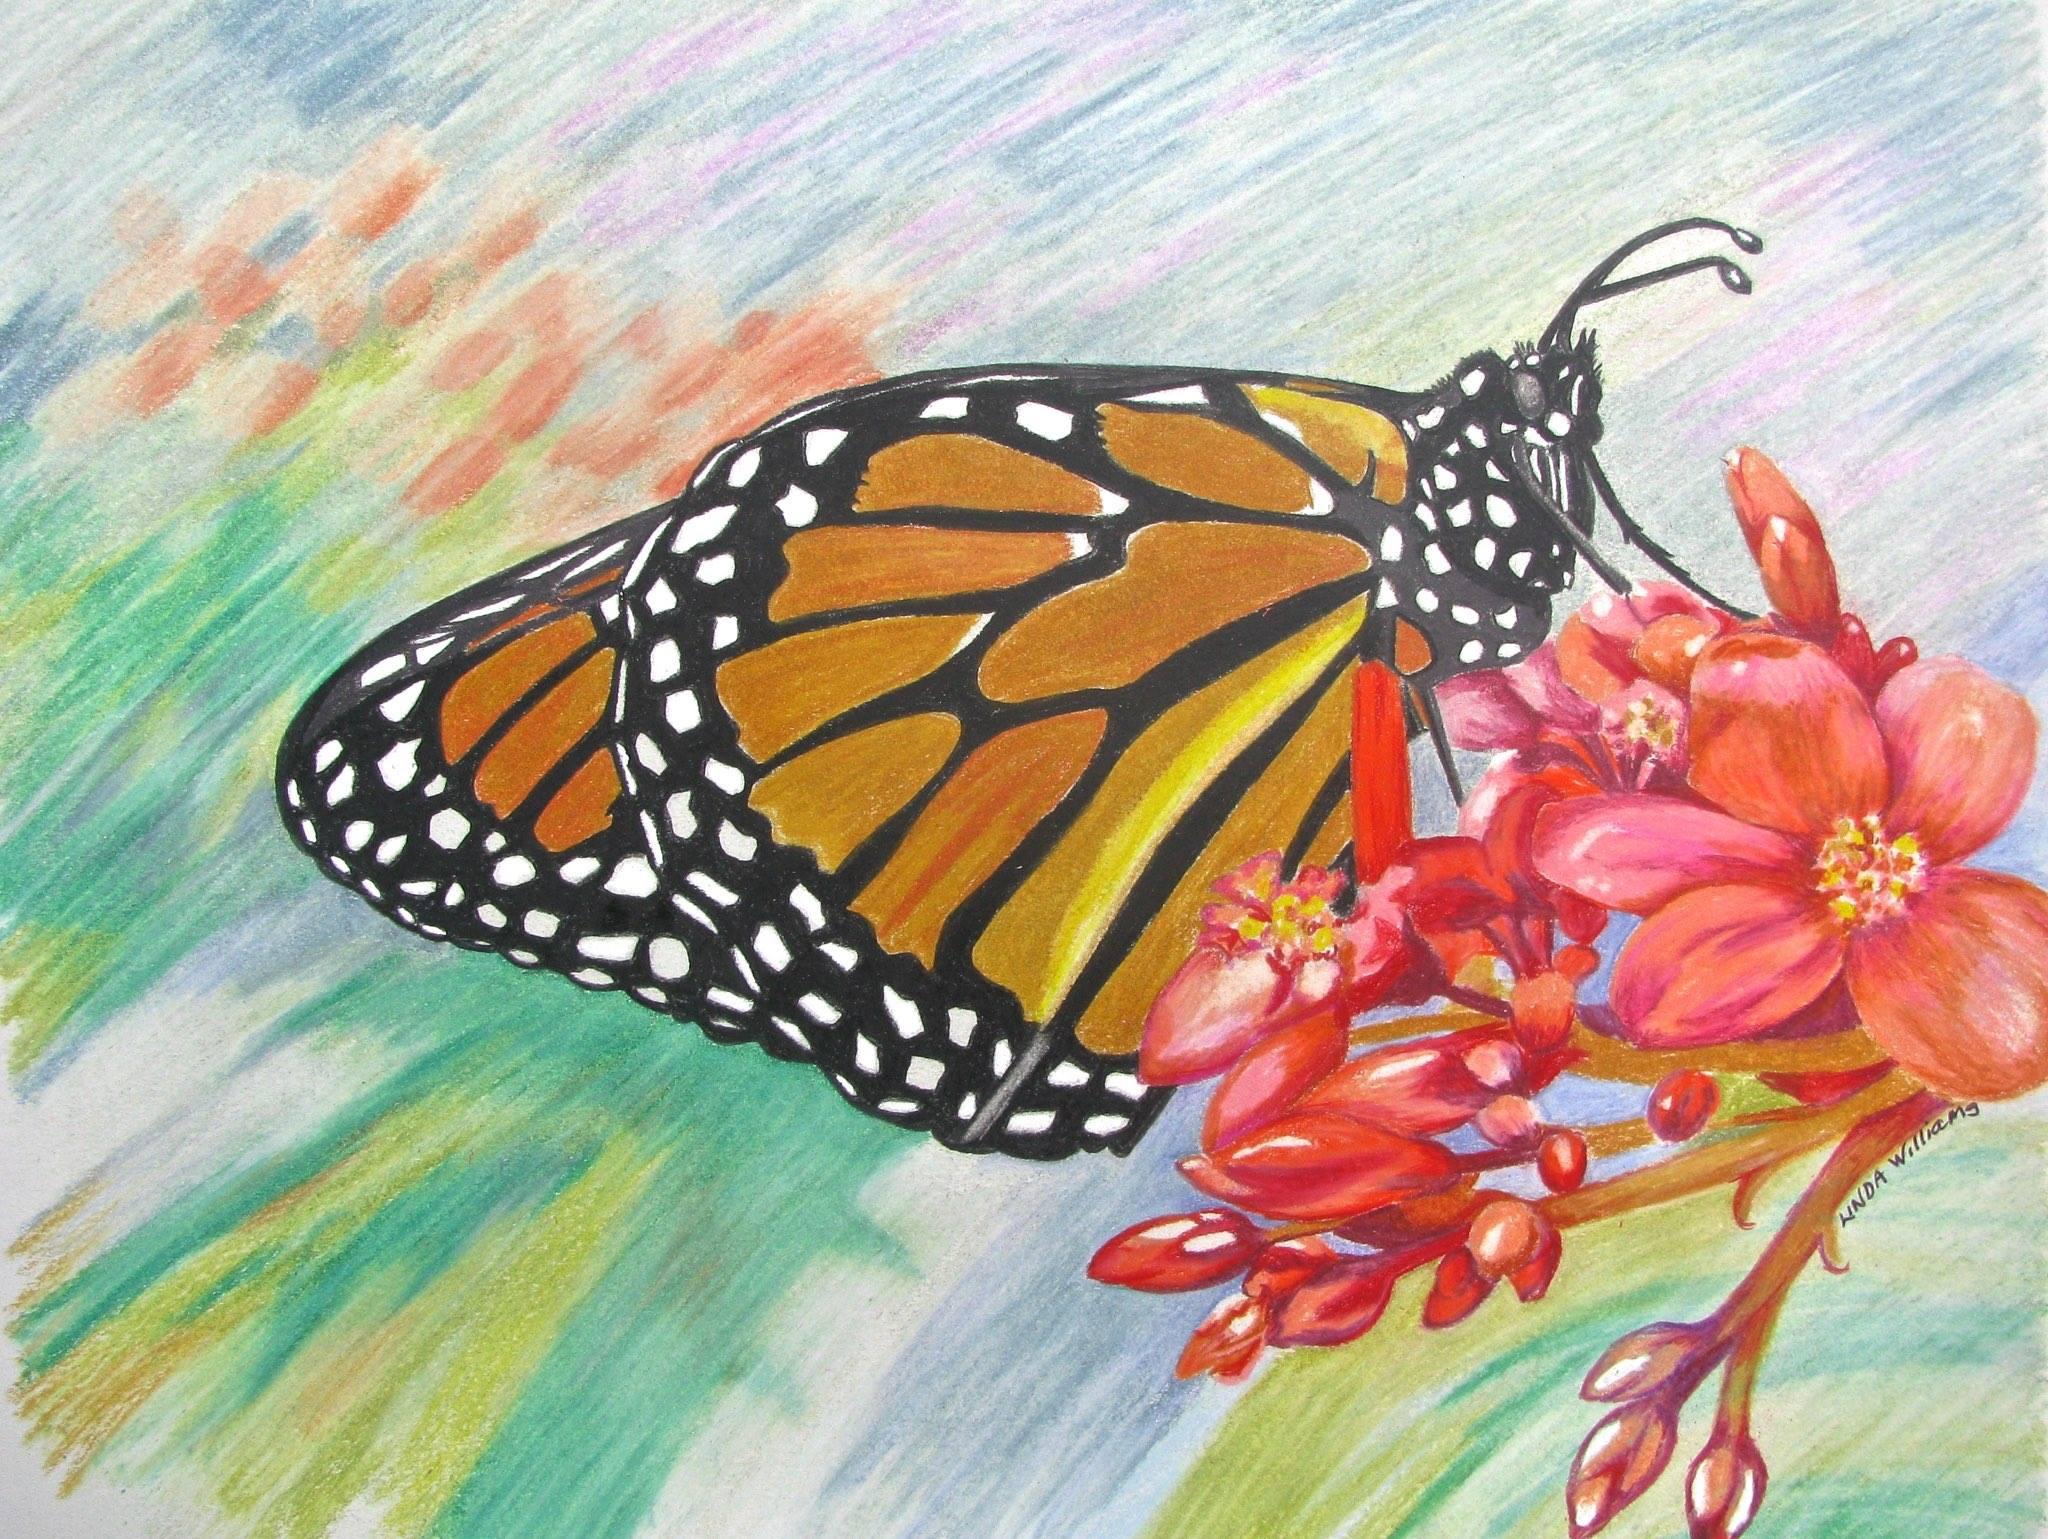 L. Williams, Monarch of Garden